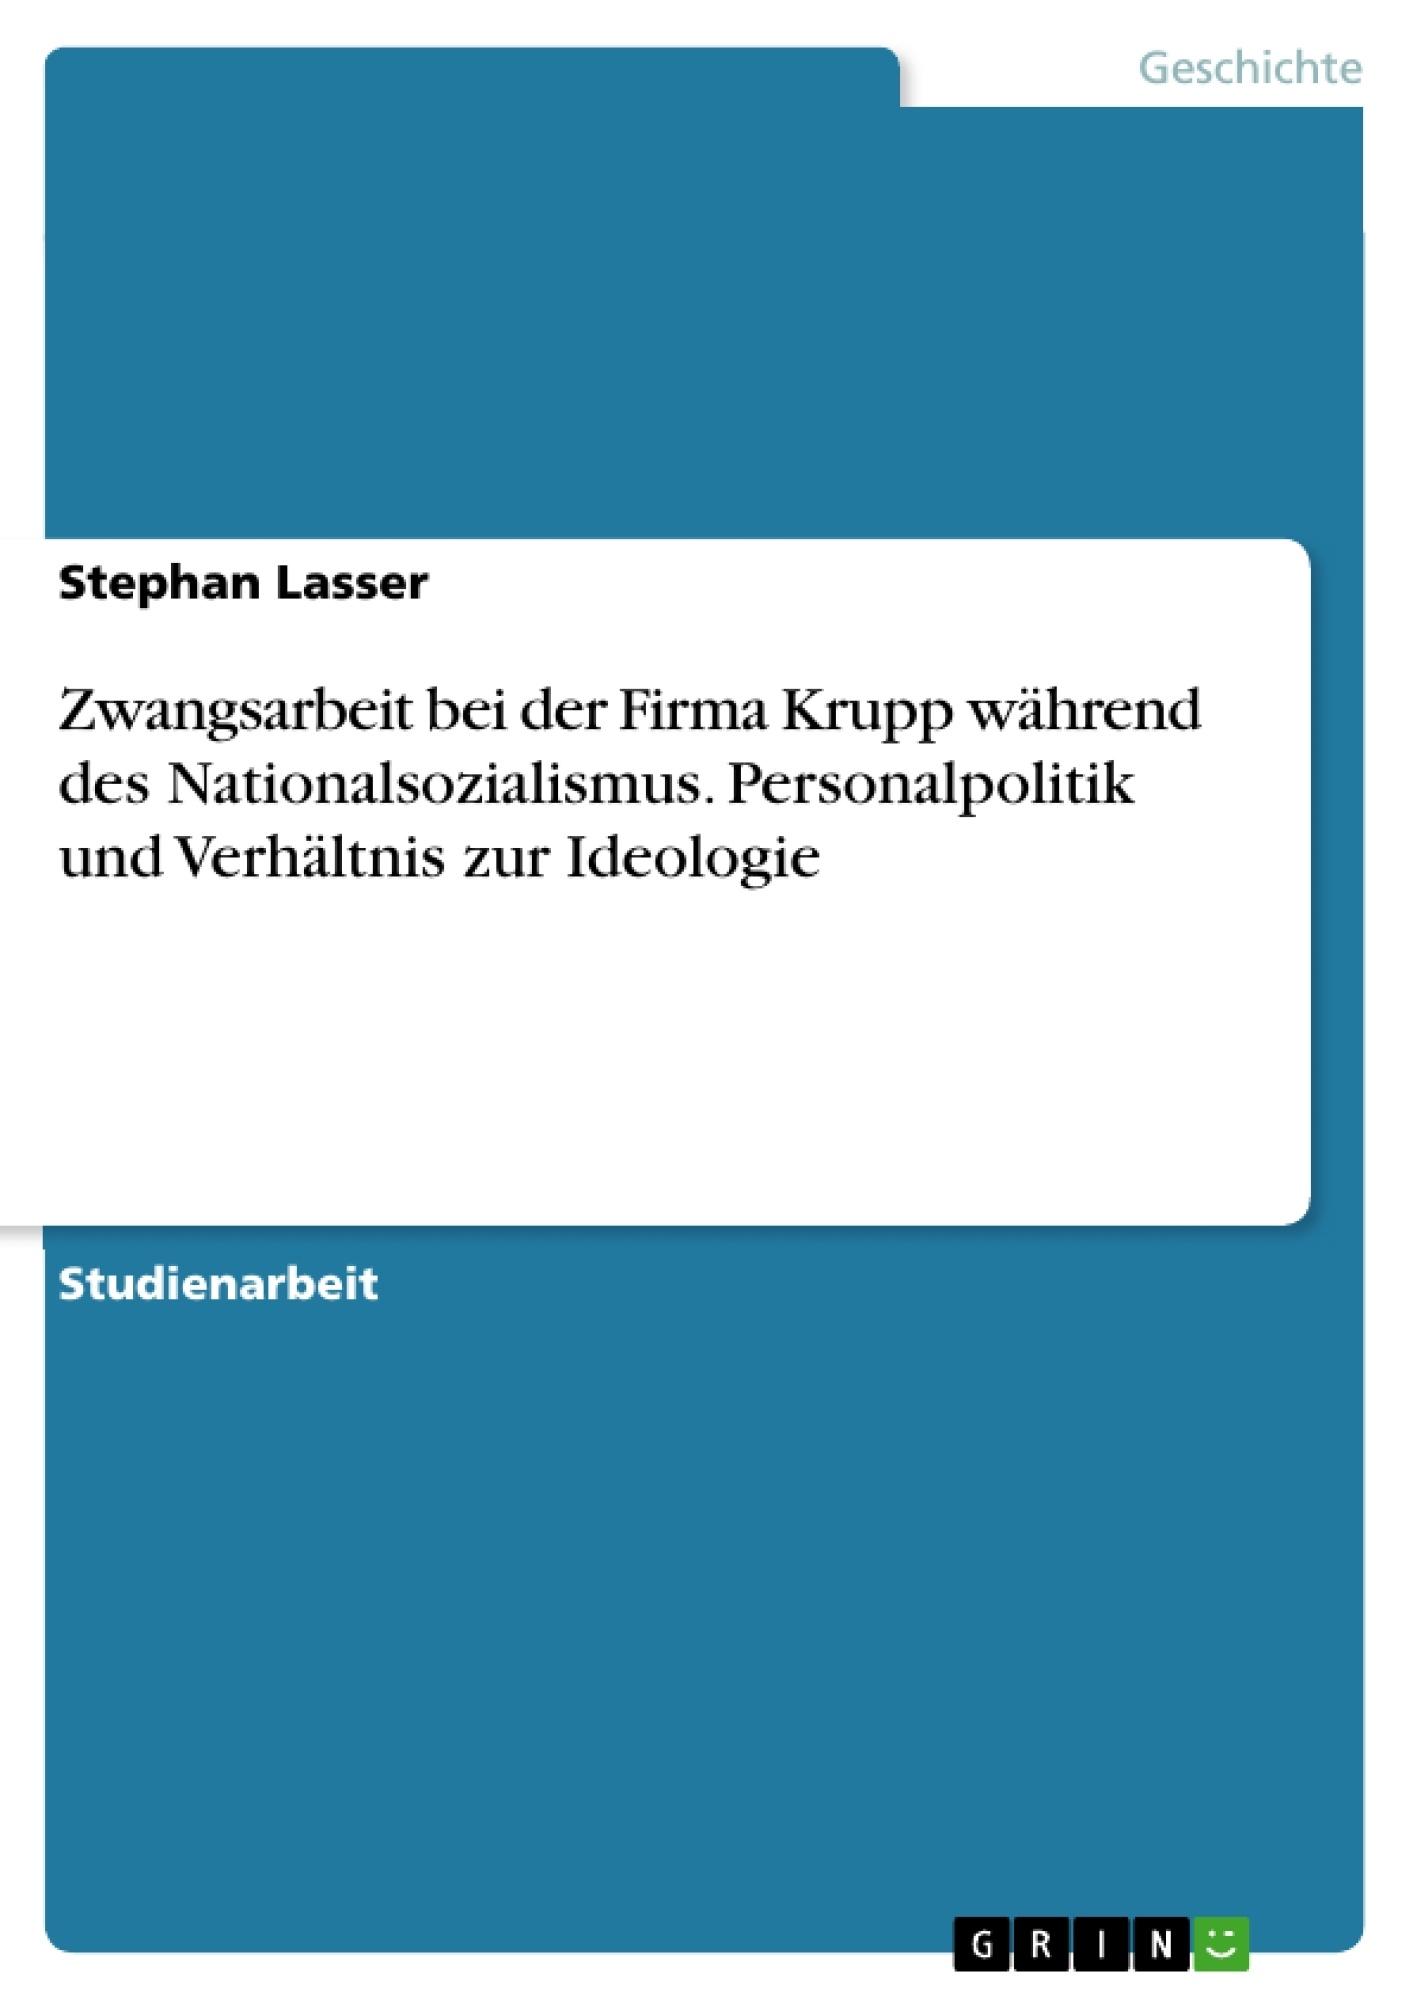 Titel: Zwangsarbeit bei der Firma Krupp während des Nationalsozialismus. Personalpolitik und Verhältnis zur Ideologie